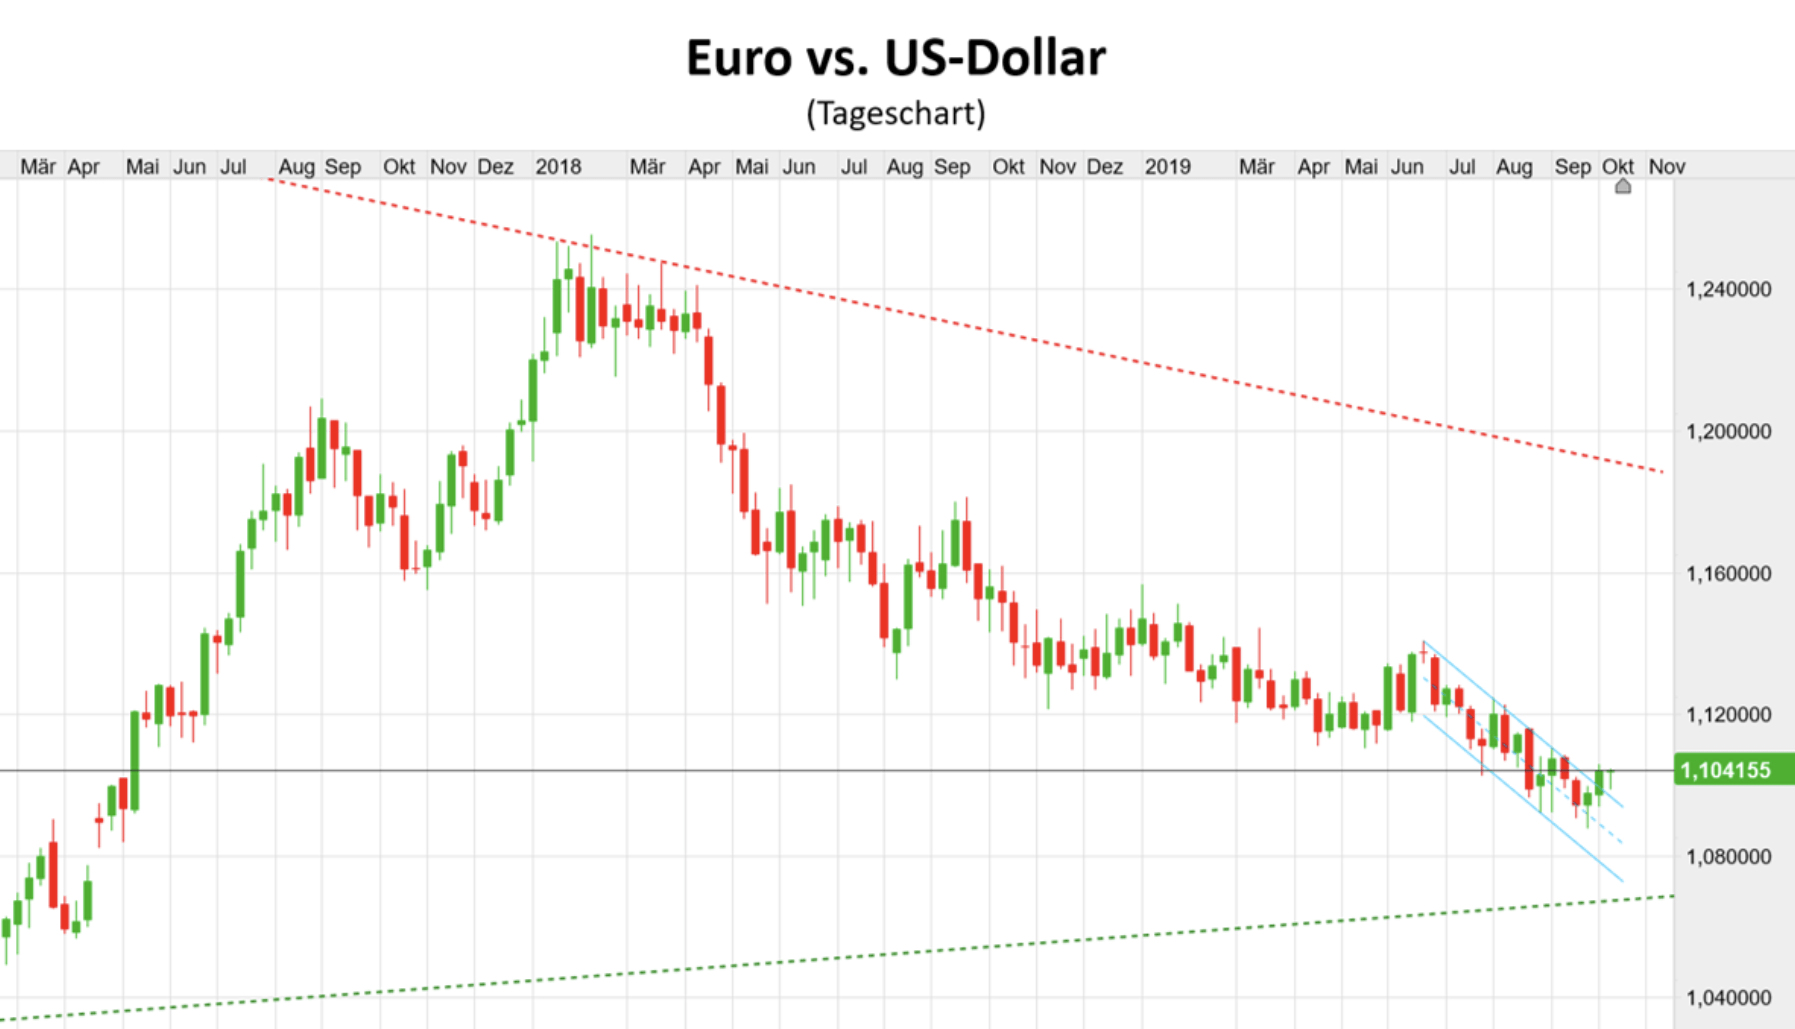 Euro vs US-Dollar Chart Verlauf seit März 2018